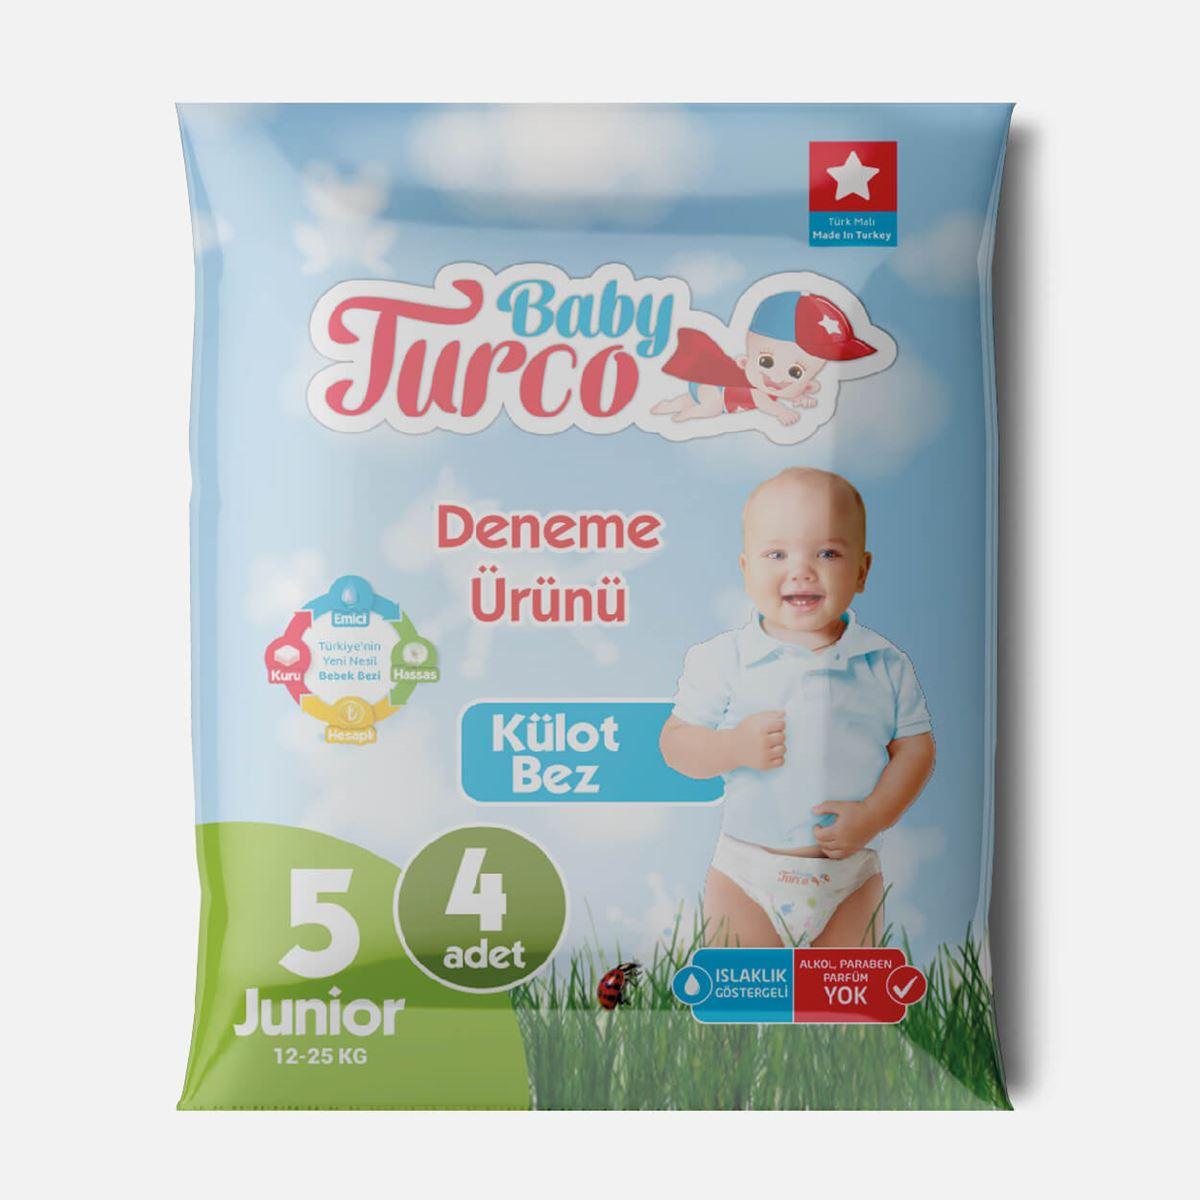 Baby Turco Külot Bez 5 Numara Junior Deneme Ürünü